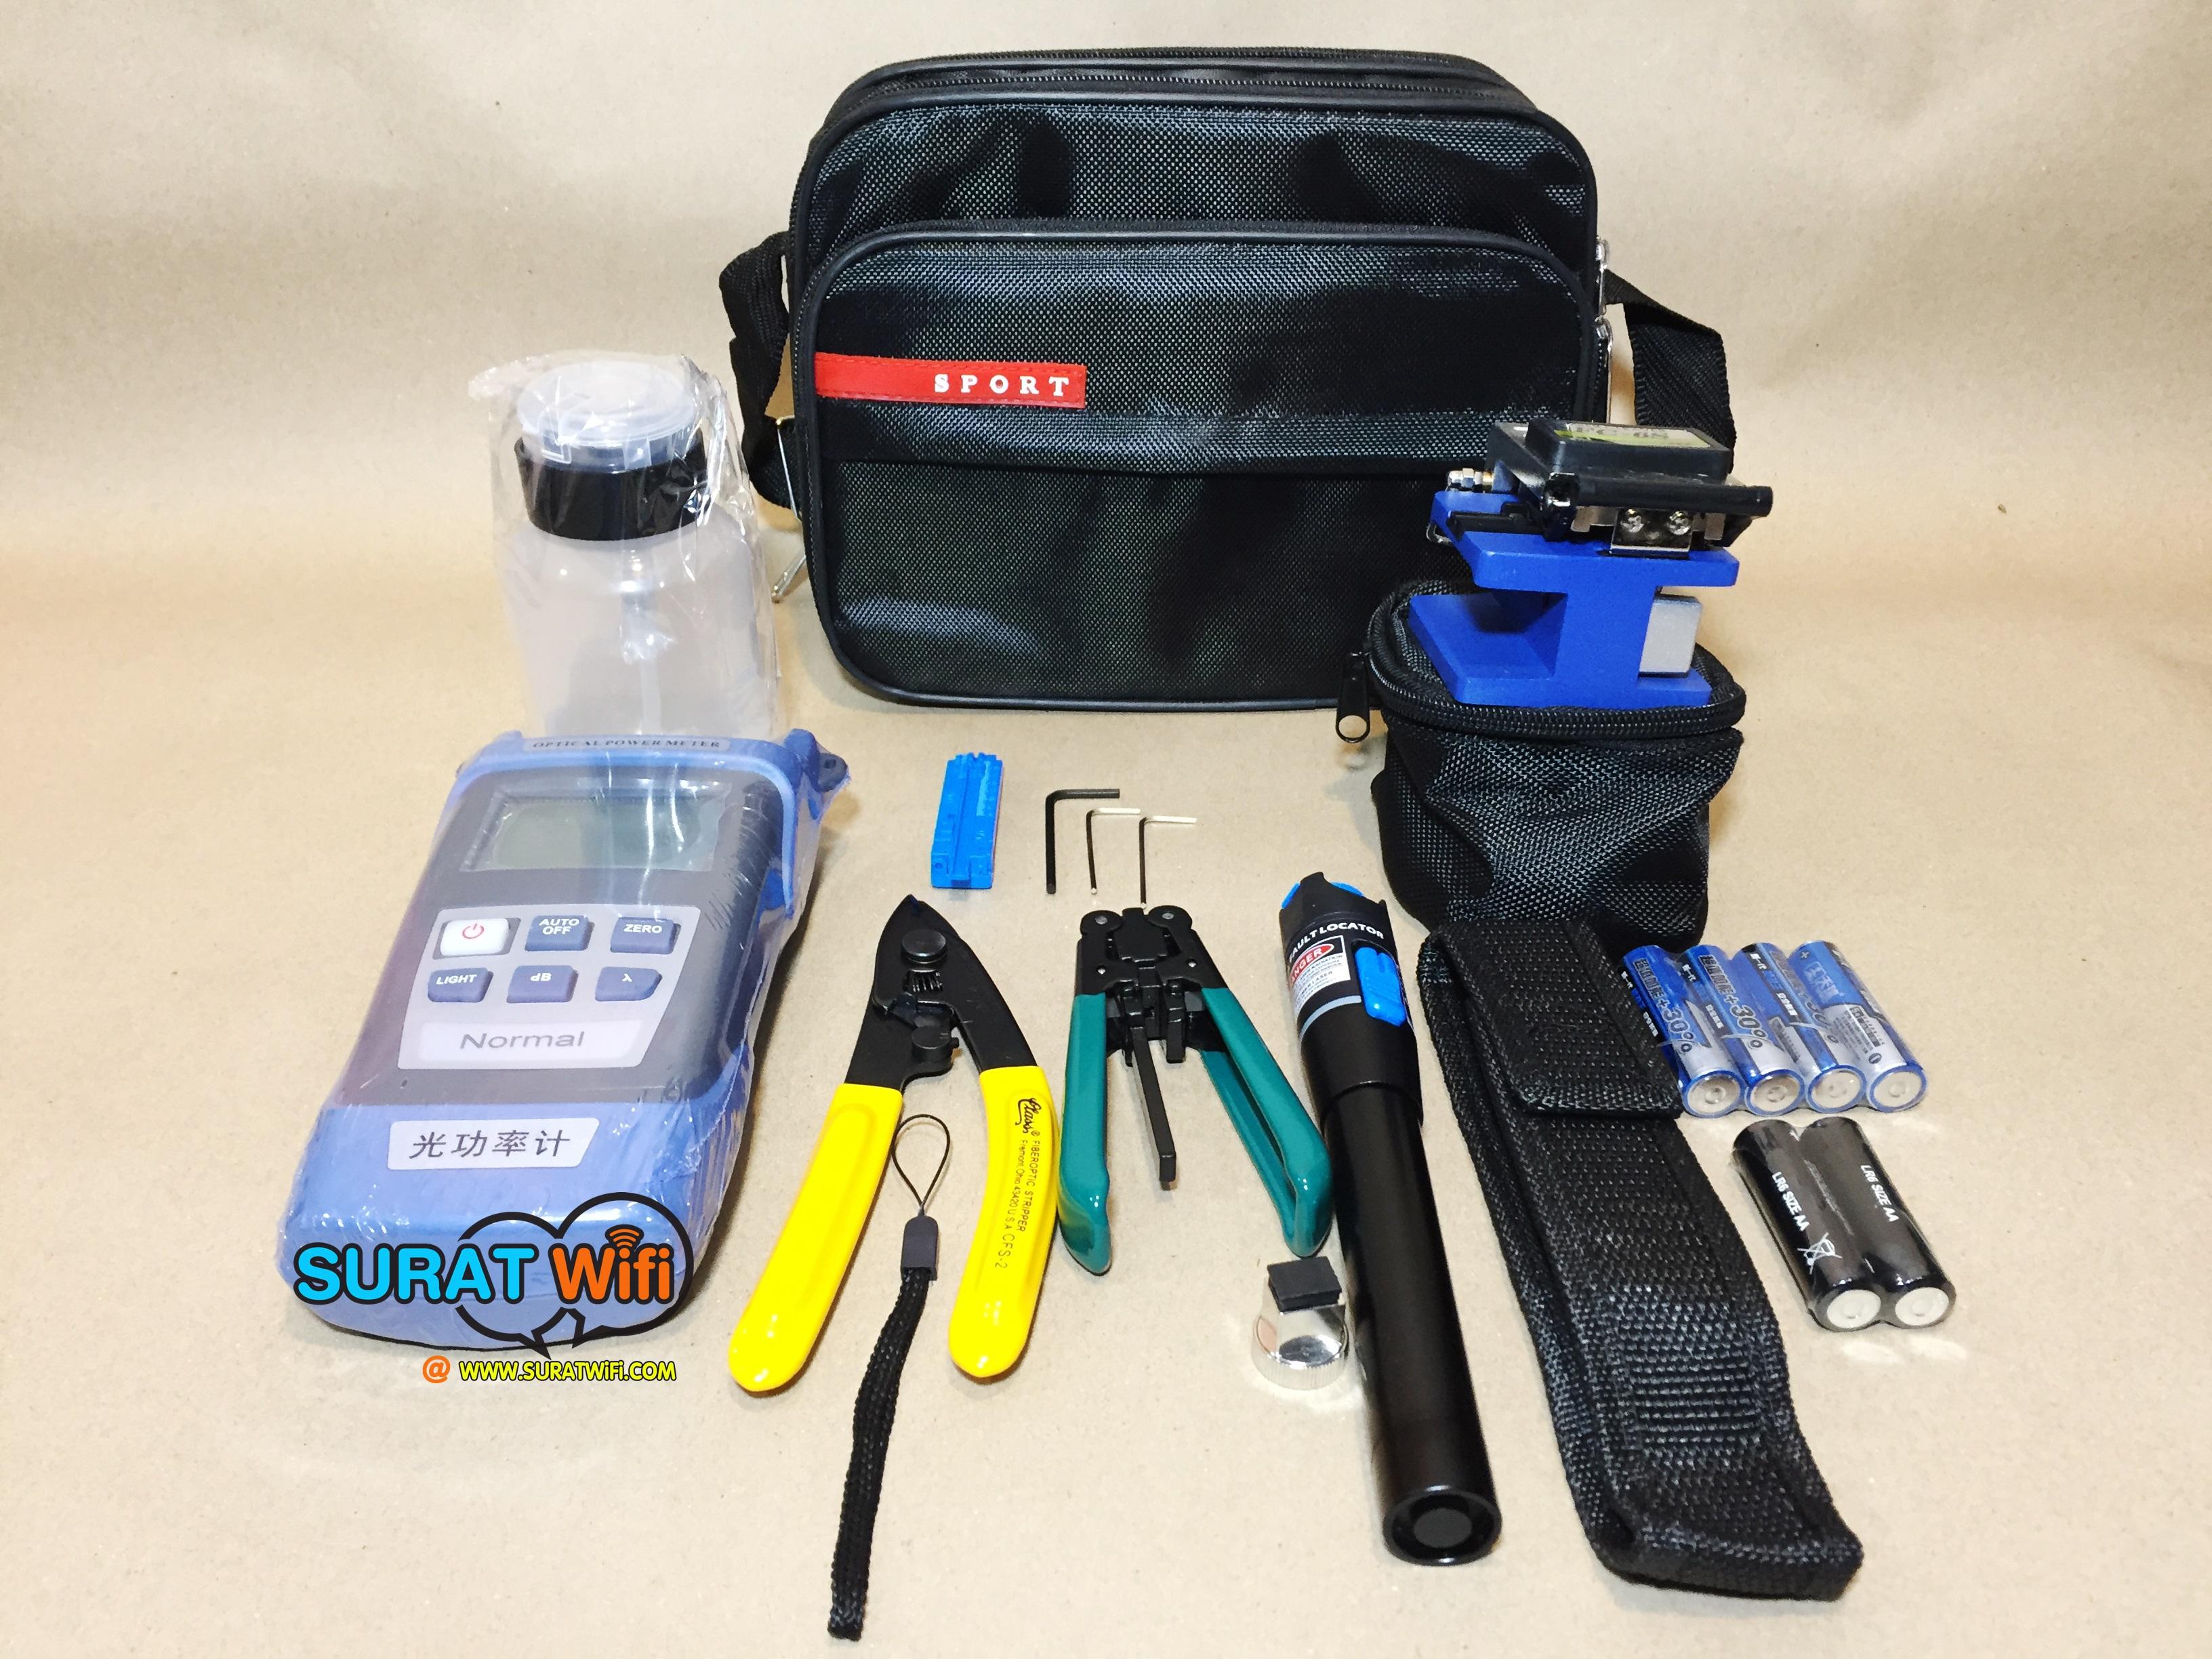 Optic Tool kit เครื่องมือเข้าหัวไฟเบอร์ออฟติก FTTx Fiber